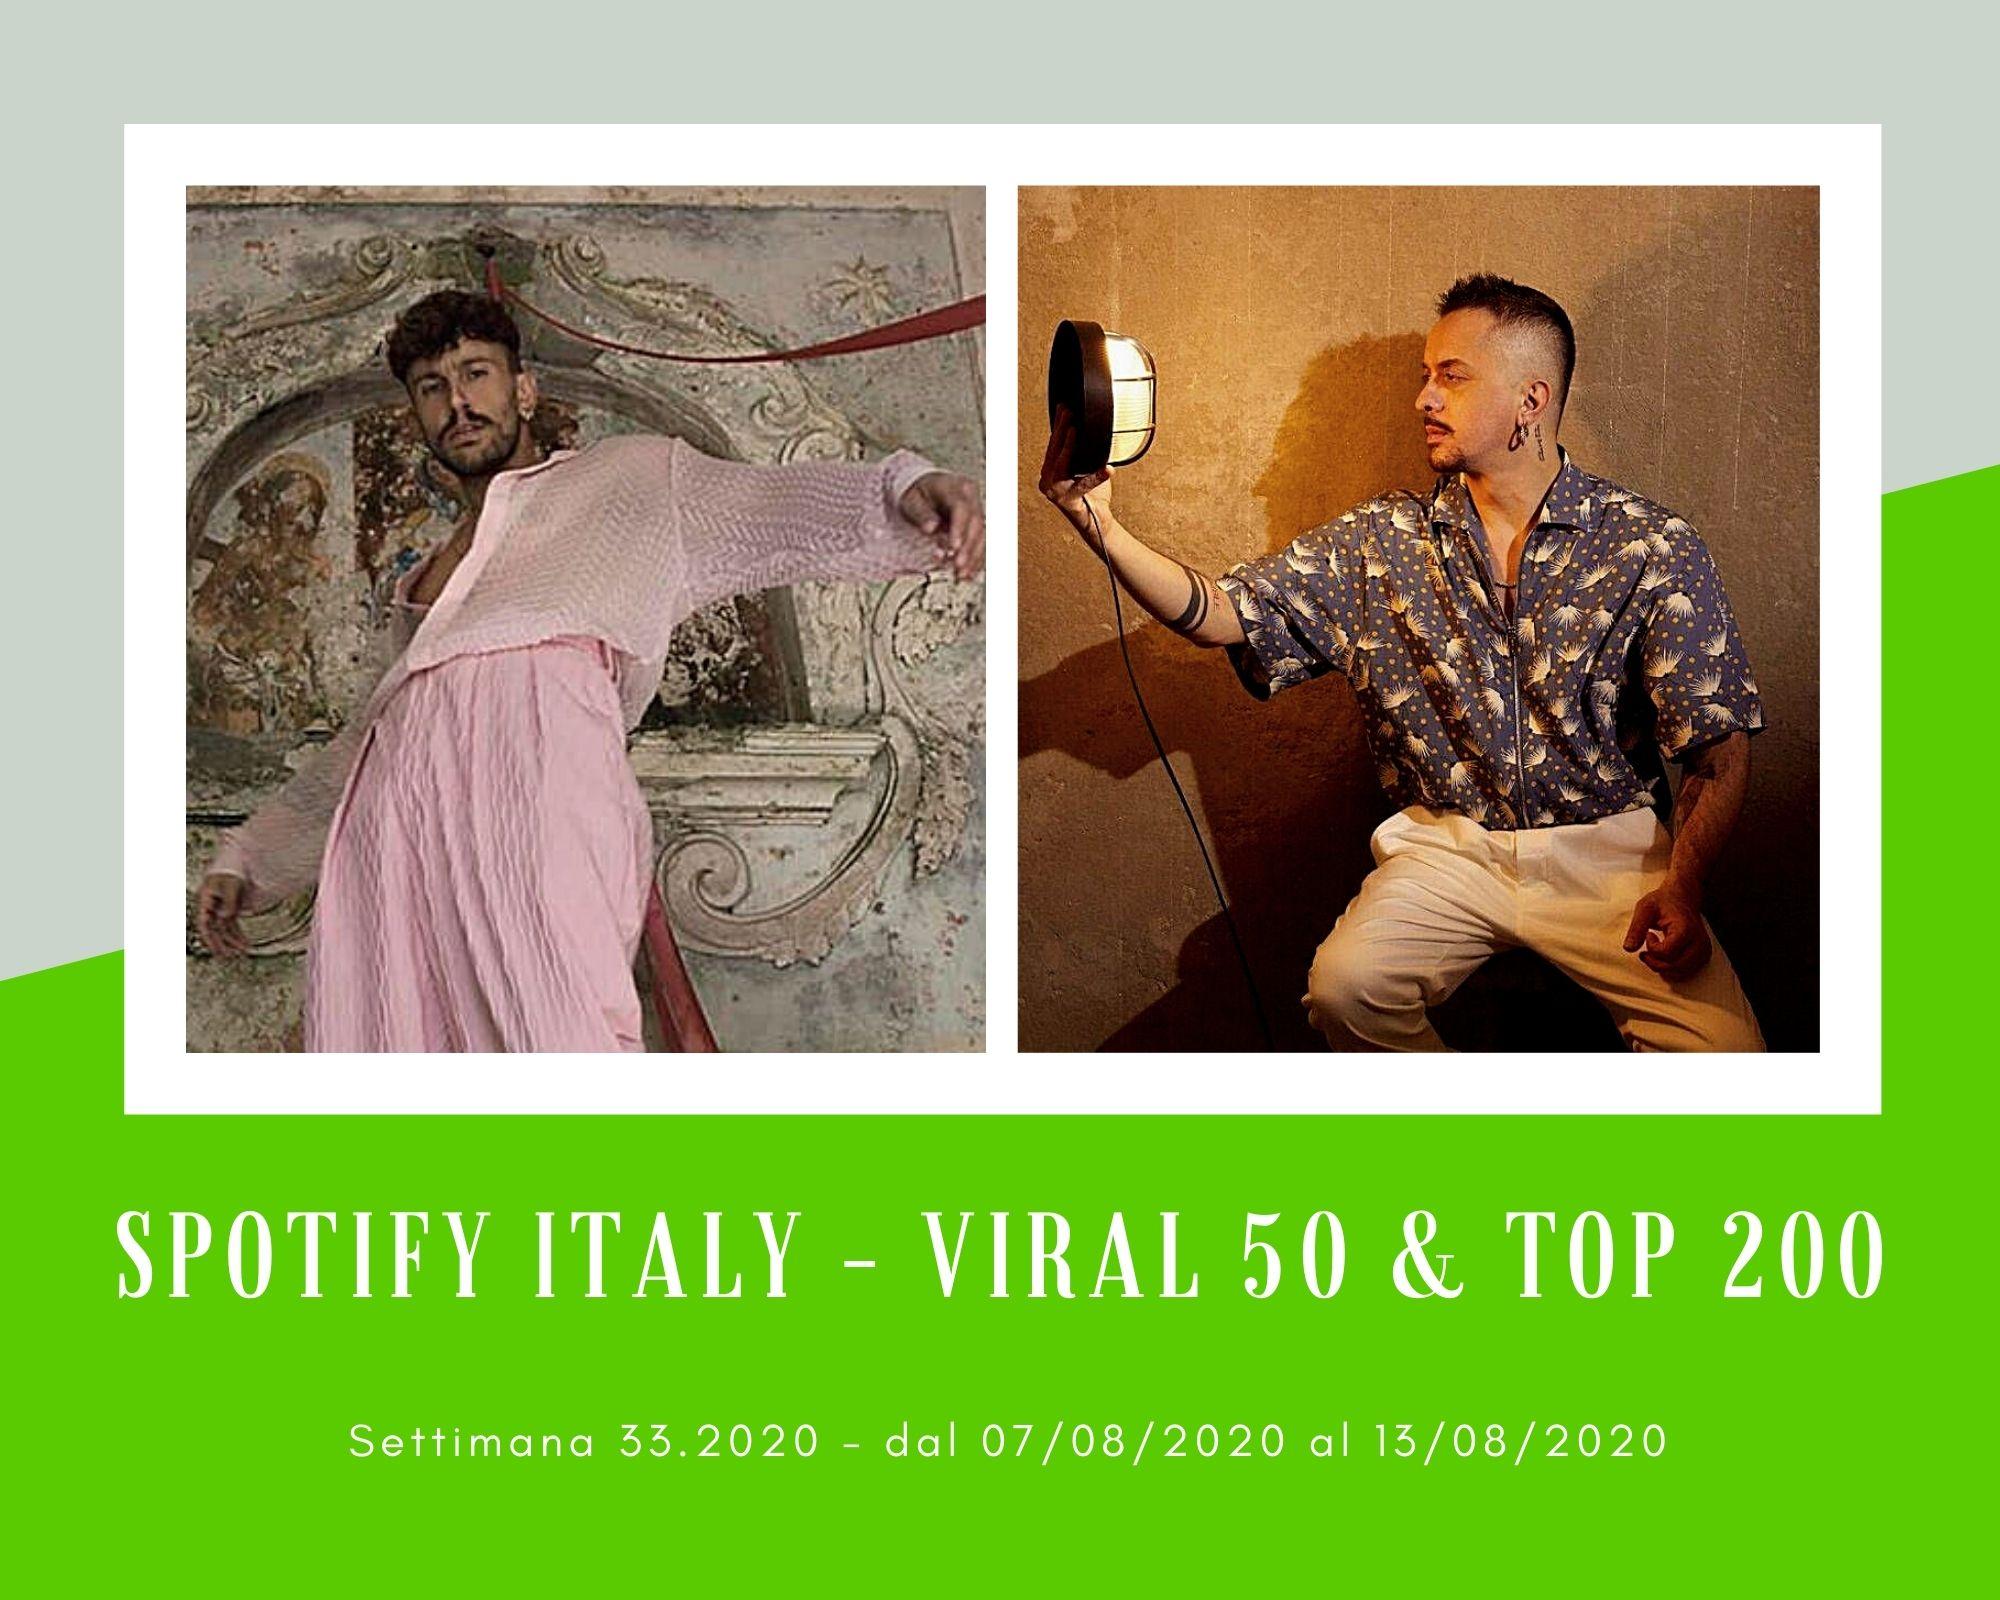 Classifica Spotify, week 33: salgono Aiello, la rivelazione dell'estate, e Dardust con il trio rap Ghali-Madame-Marracash